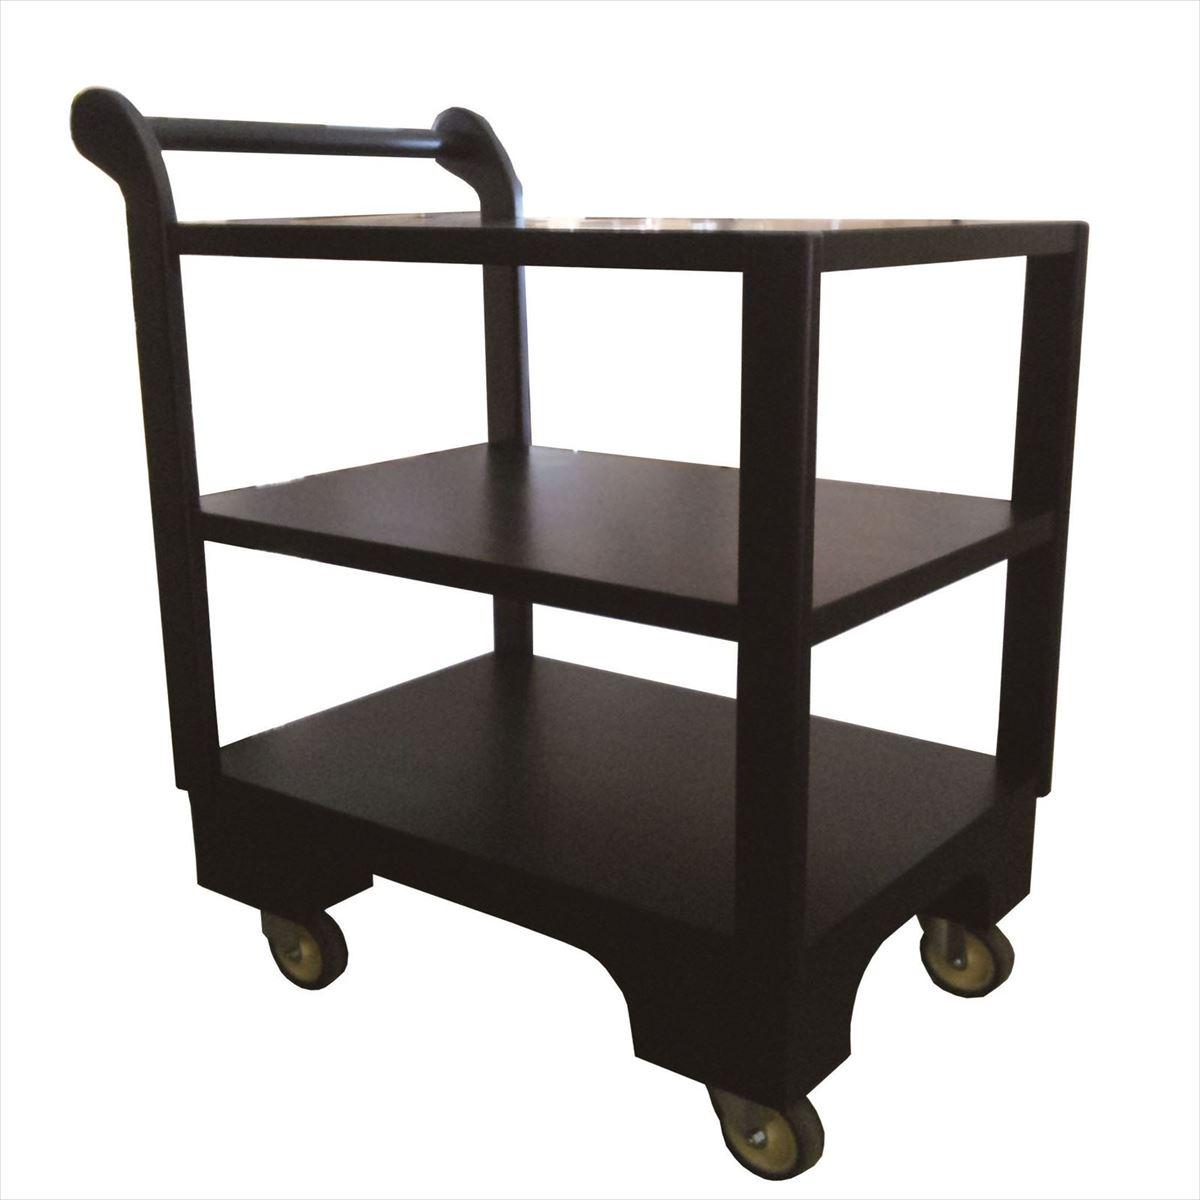 和風サービスワゴン45×86×81cm【旅館】【ホテル】【飲食店】【料亭】車輪が大きいので畳の上でも安定して配膳ができます。